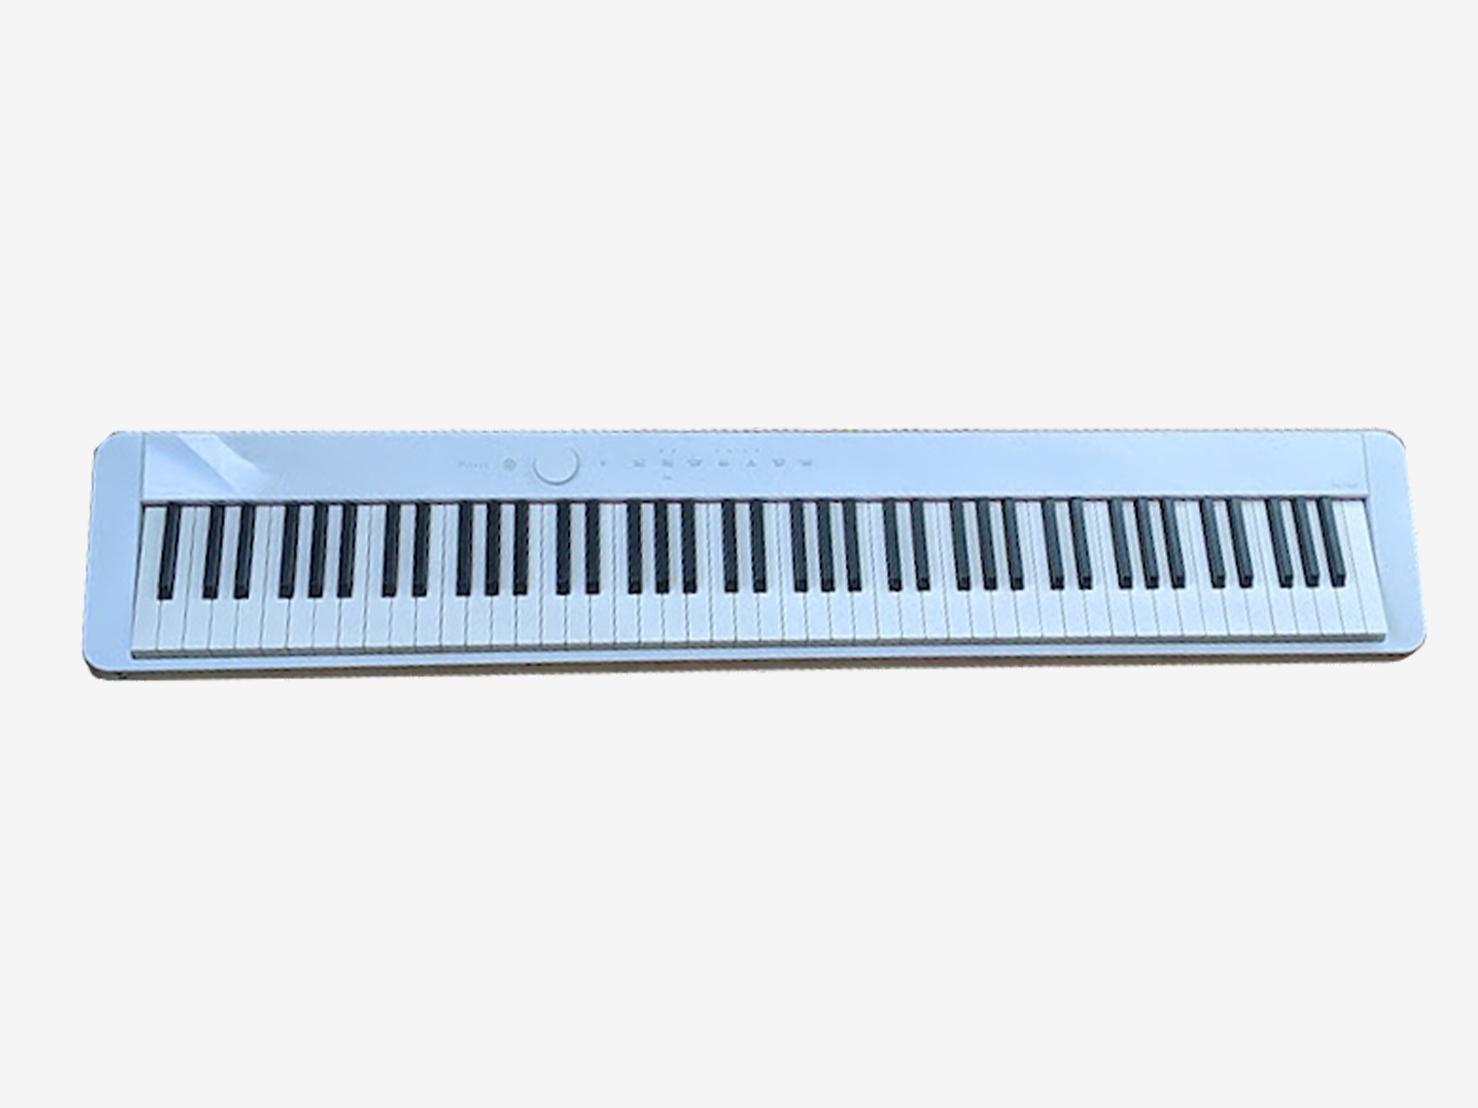 デジタルピアノ PX-S1000(CASIO)